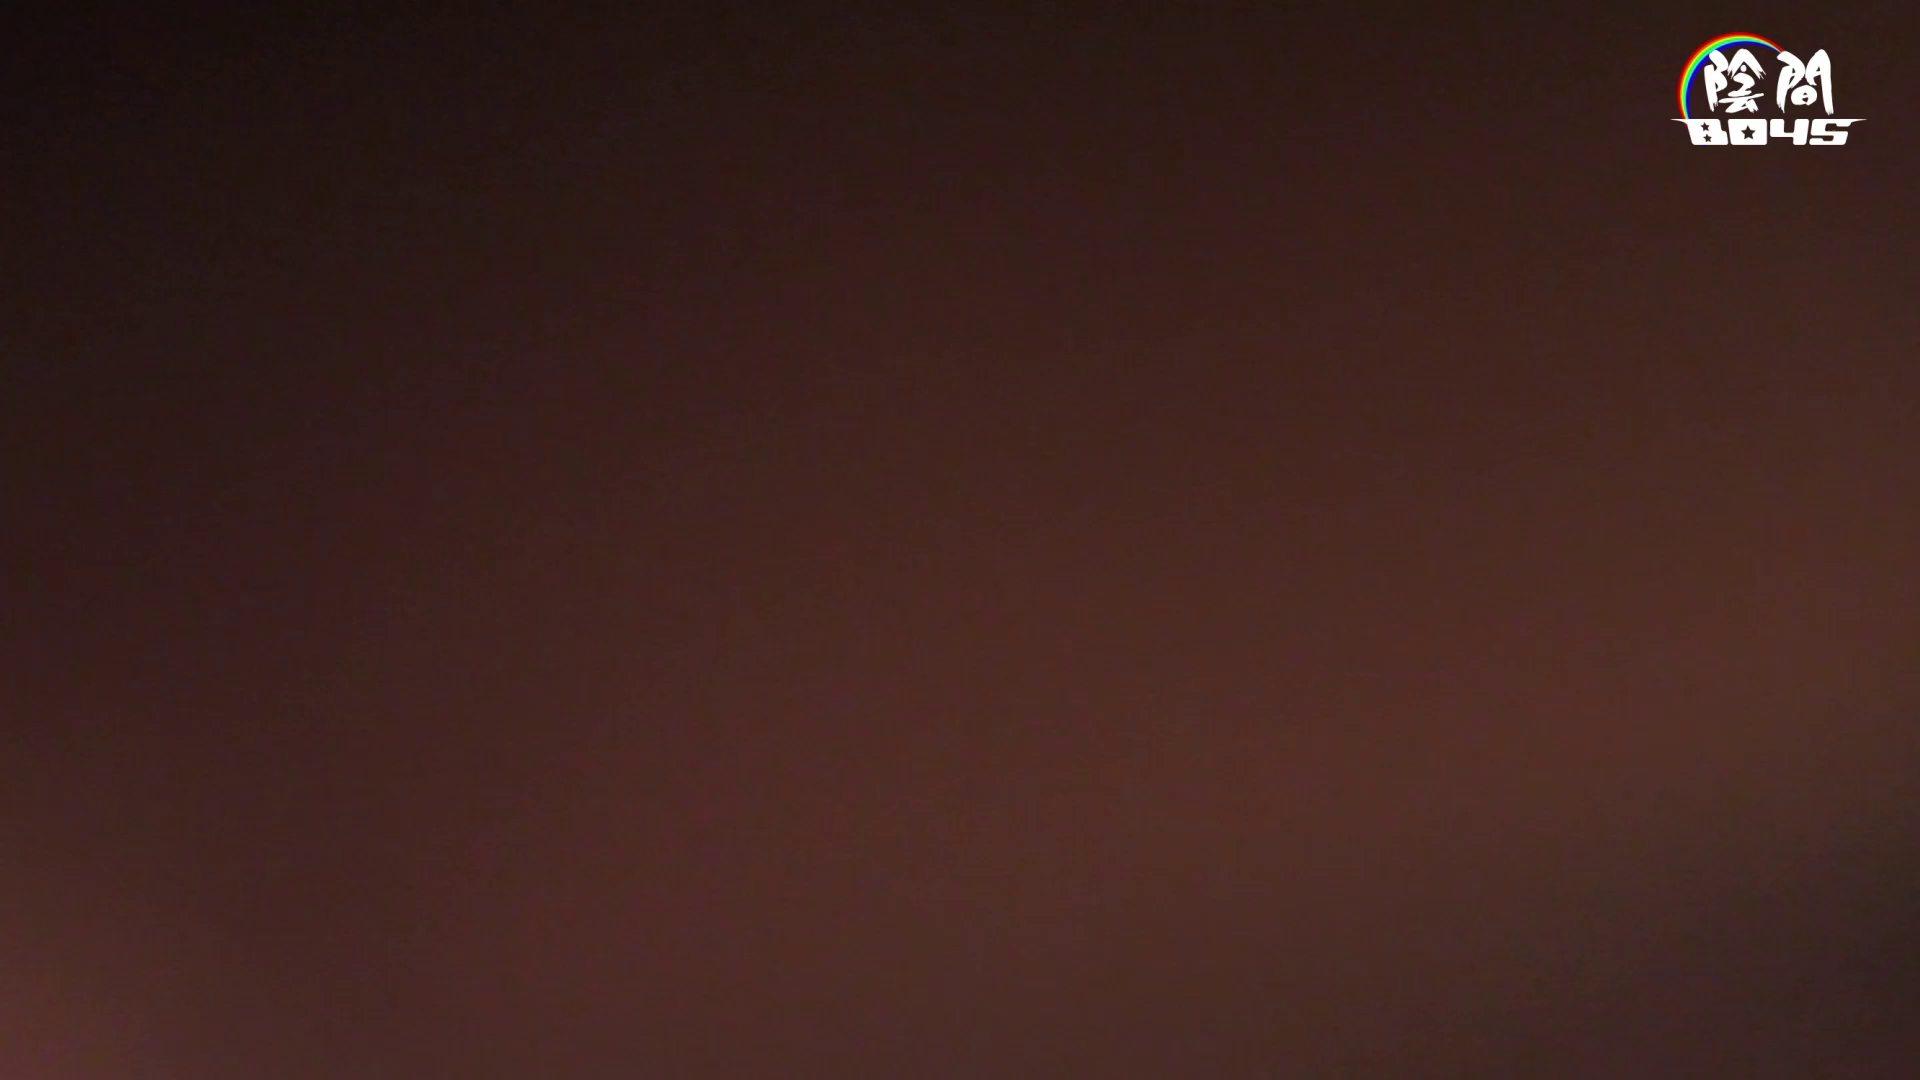 アナルで営業ワン・ツー・ スリーpart2 Vol.4 フェラ天国 ゲイAV画像 84pic 65